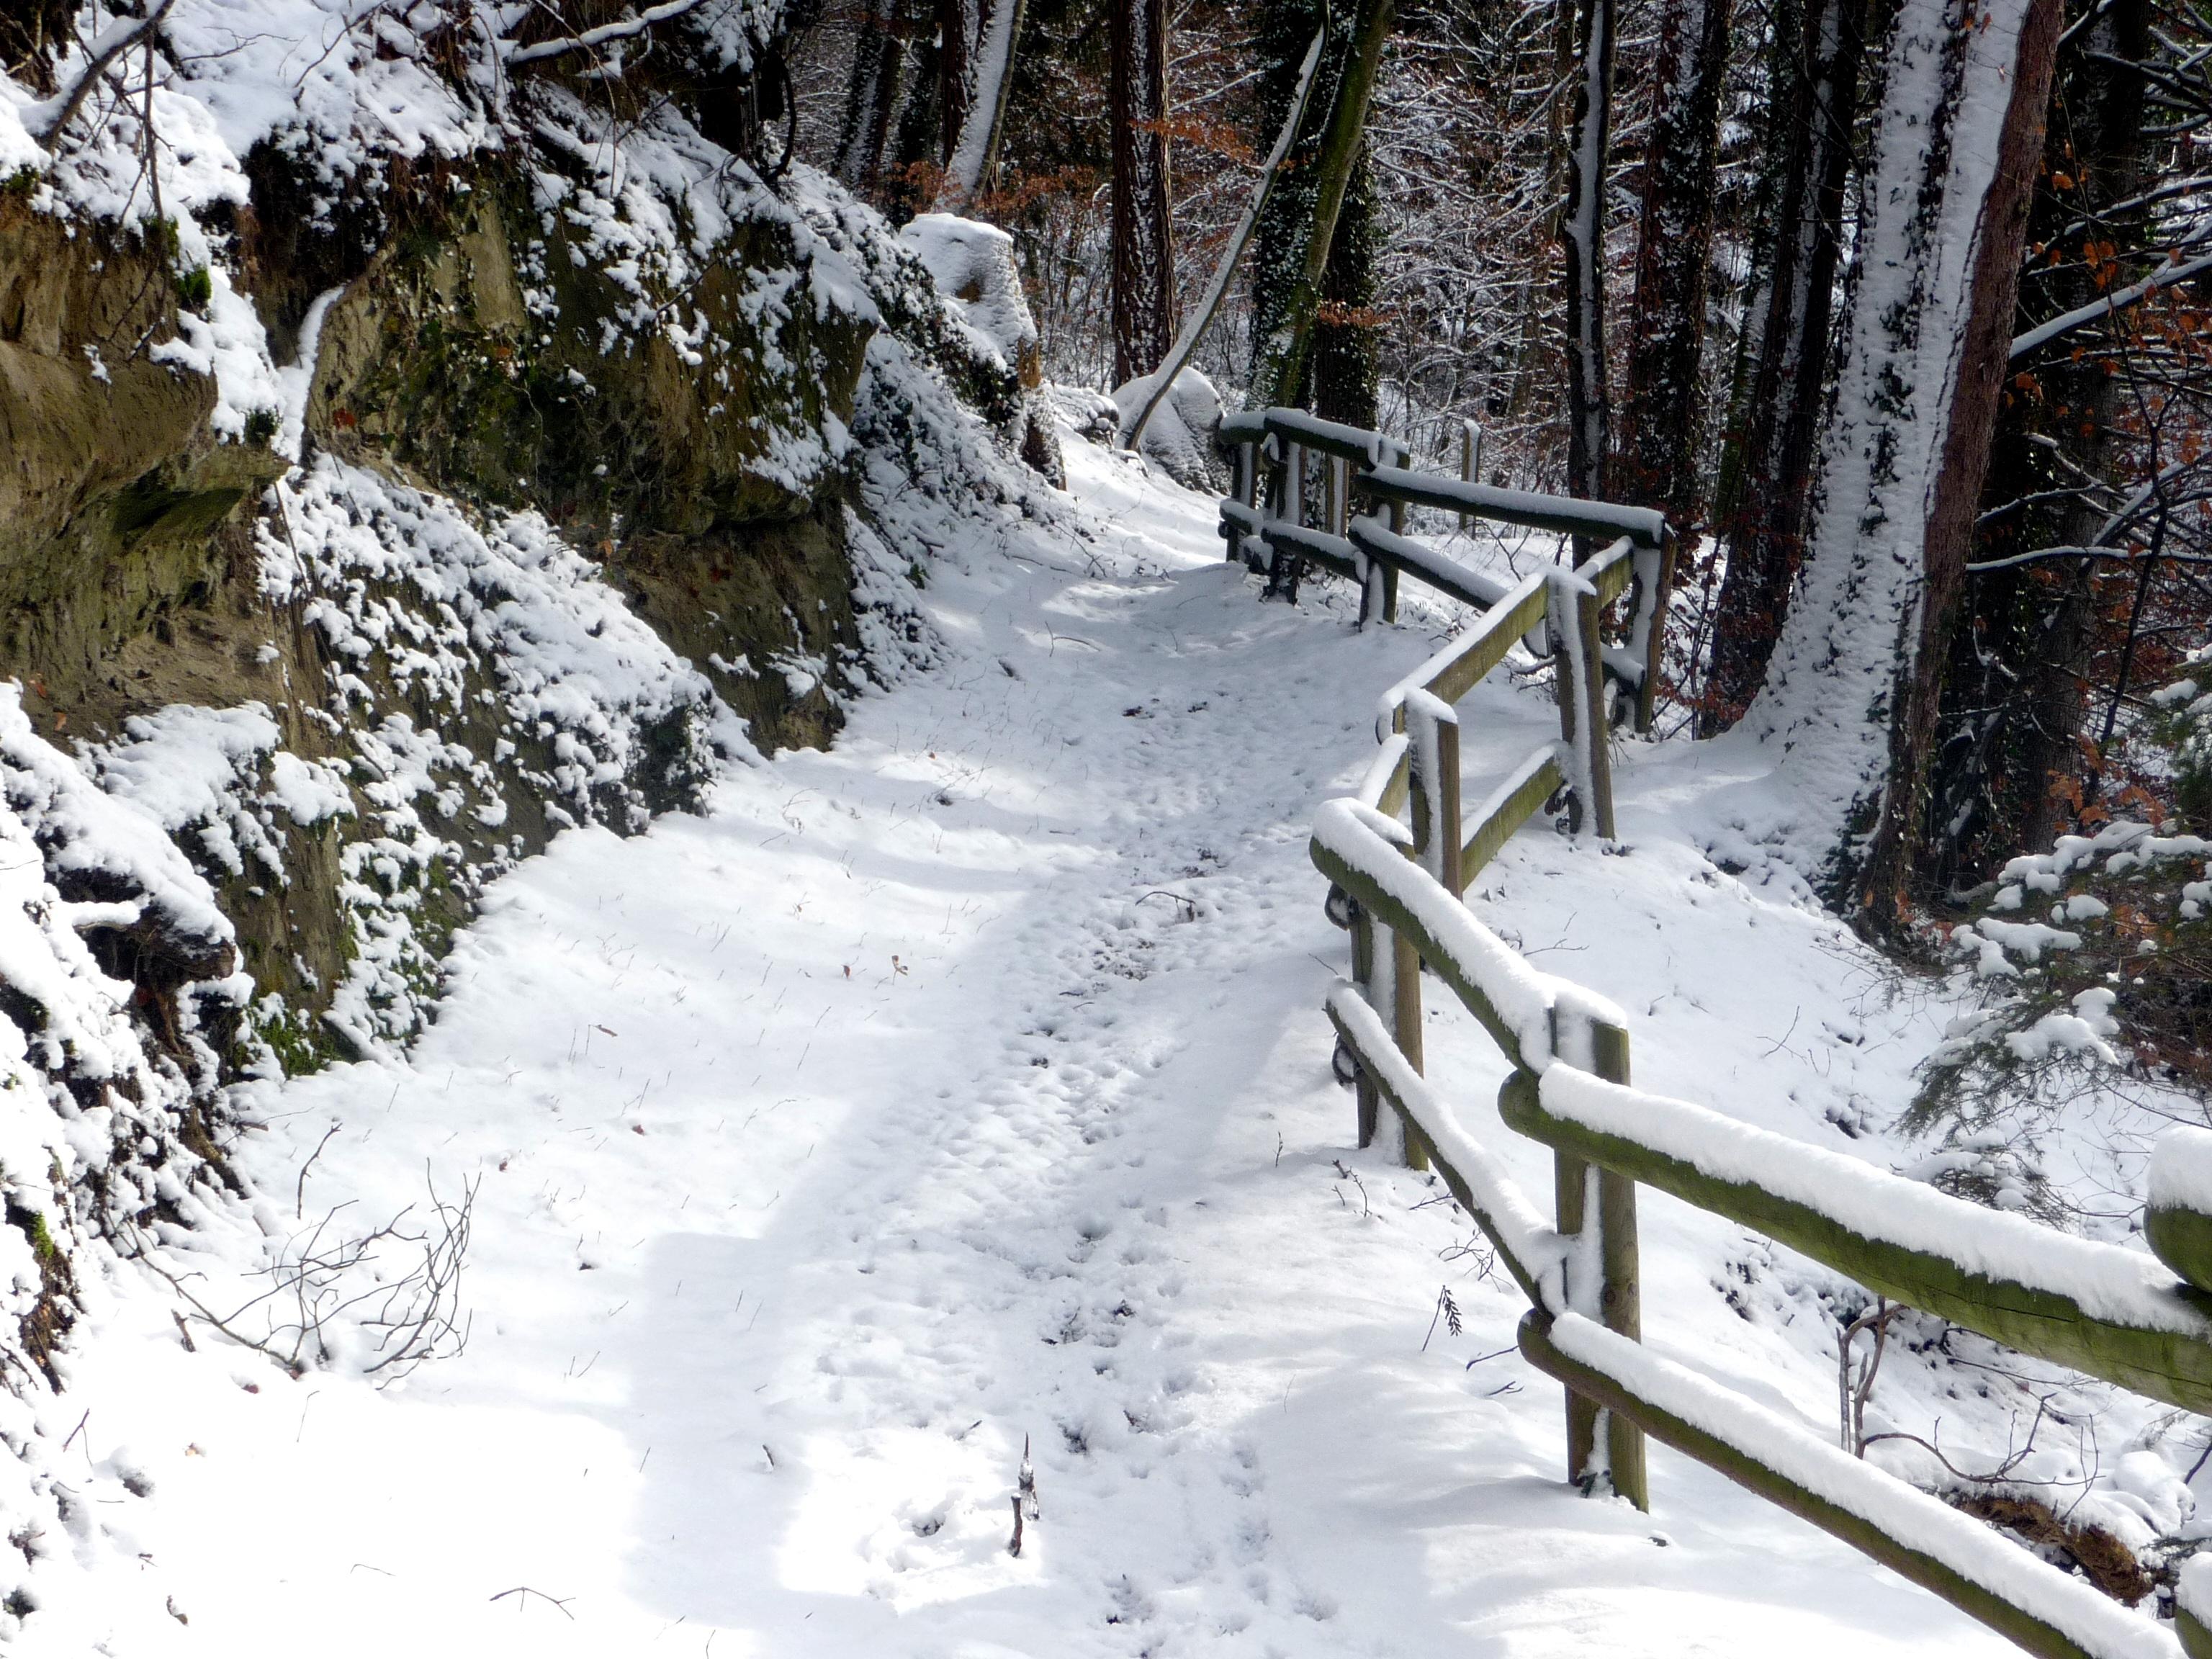 Images gratuites hiver neige paysage d 39 hiver la - Photos de neige gratuites ...